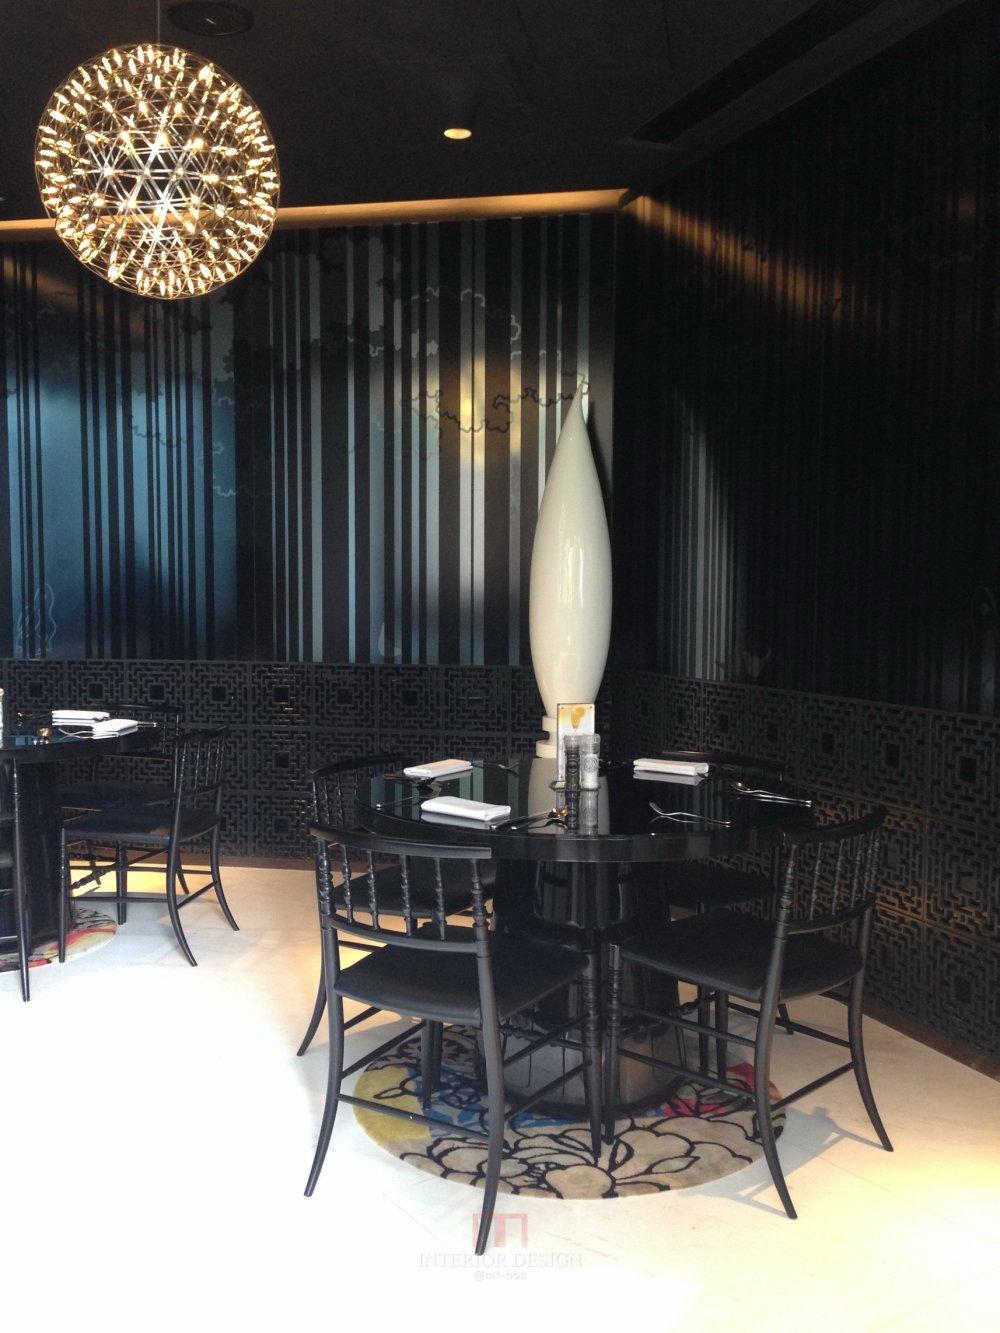 香港湾仔美丽华精品酒店Mira Moon Hotel  自拍分享_IMG_4159.JPG